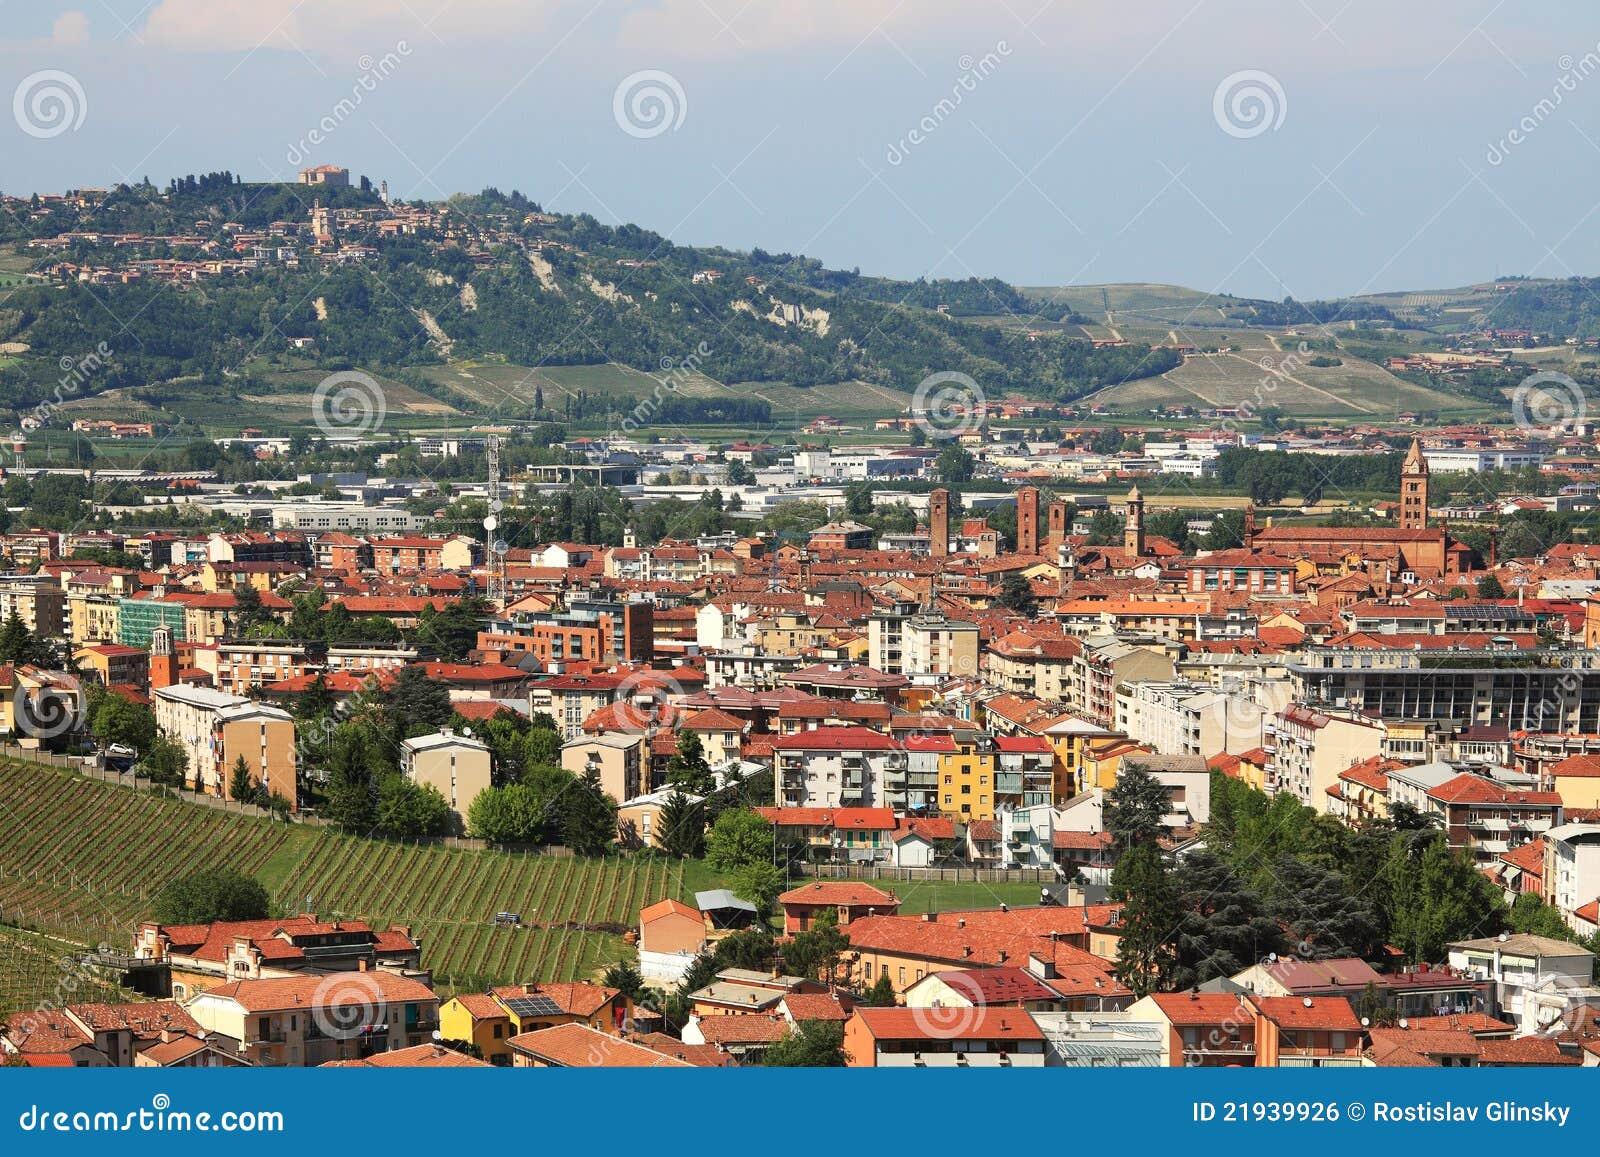 Vue a rienne sur alba pi mont italie image libre de droits image 21939926 - Alba italie office du tourisme ...